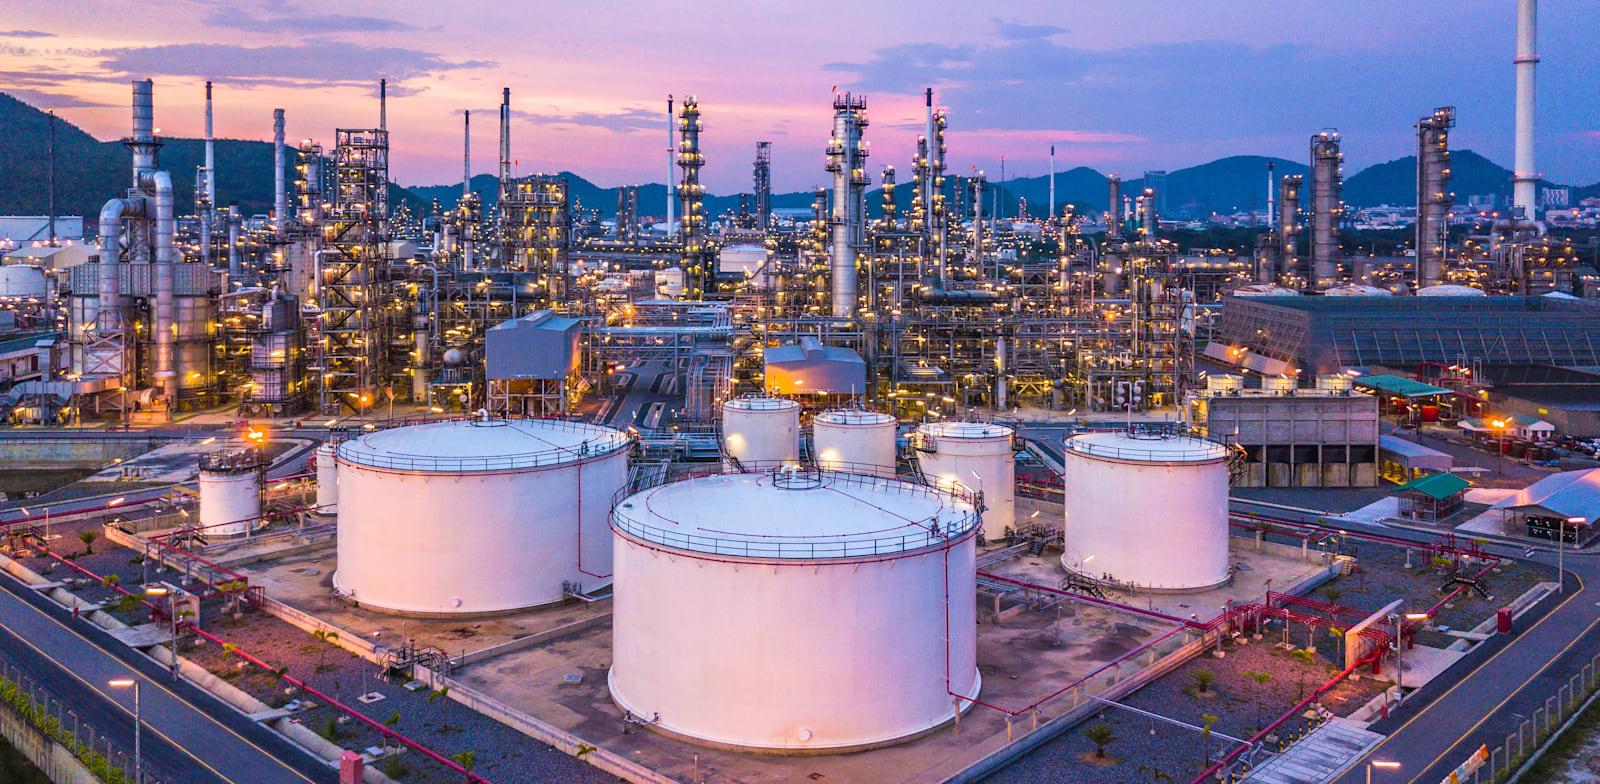 מתקן זיקוק נפט. מספר הבארות המפיקות צנח, והביקוש עולה על ההיצע / צילום: Shutterstock